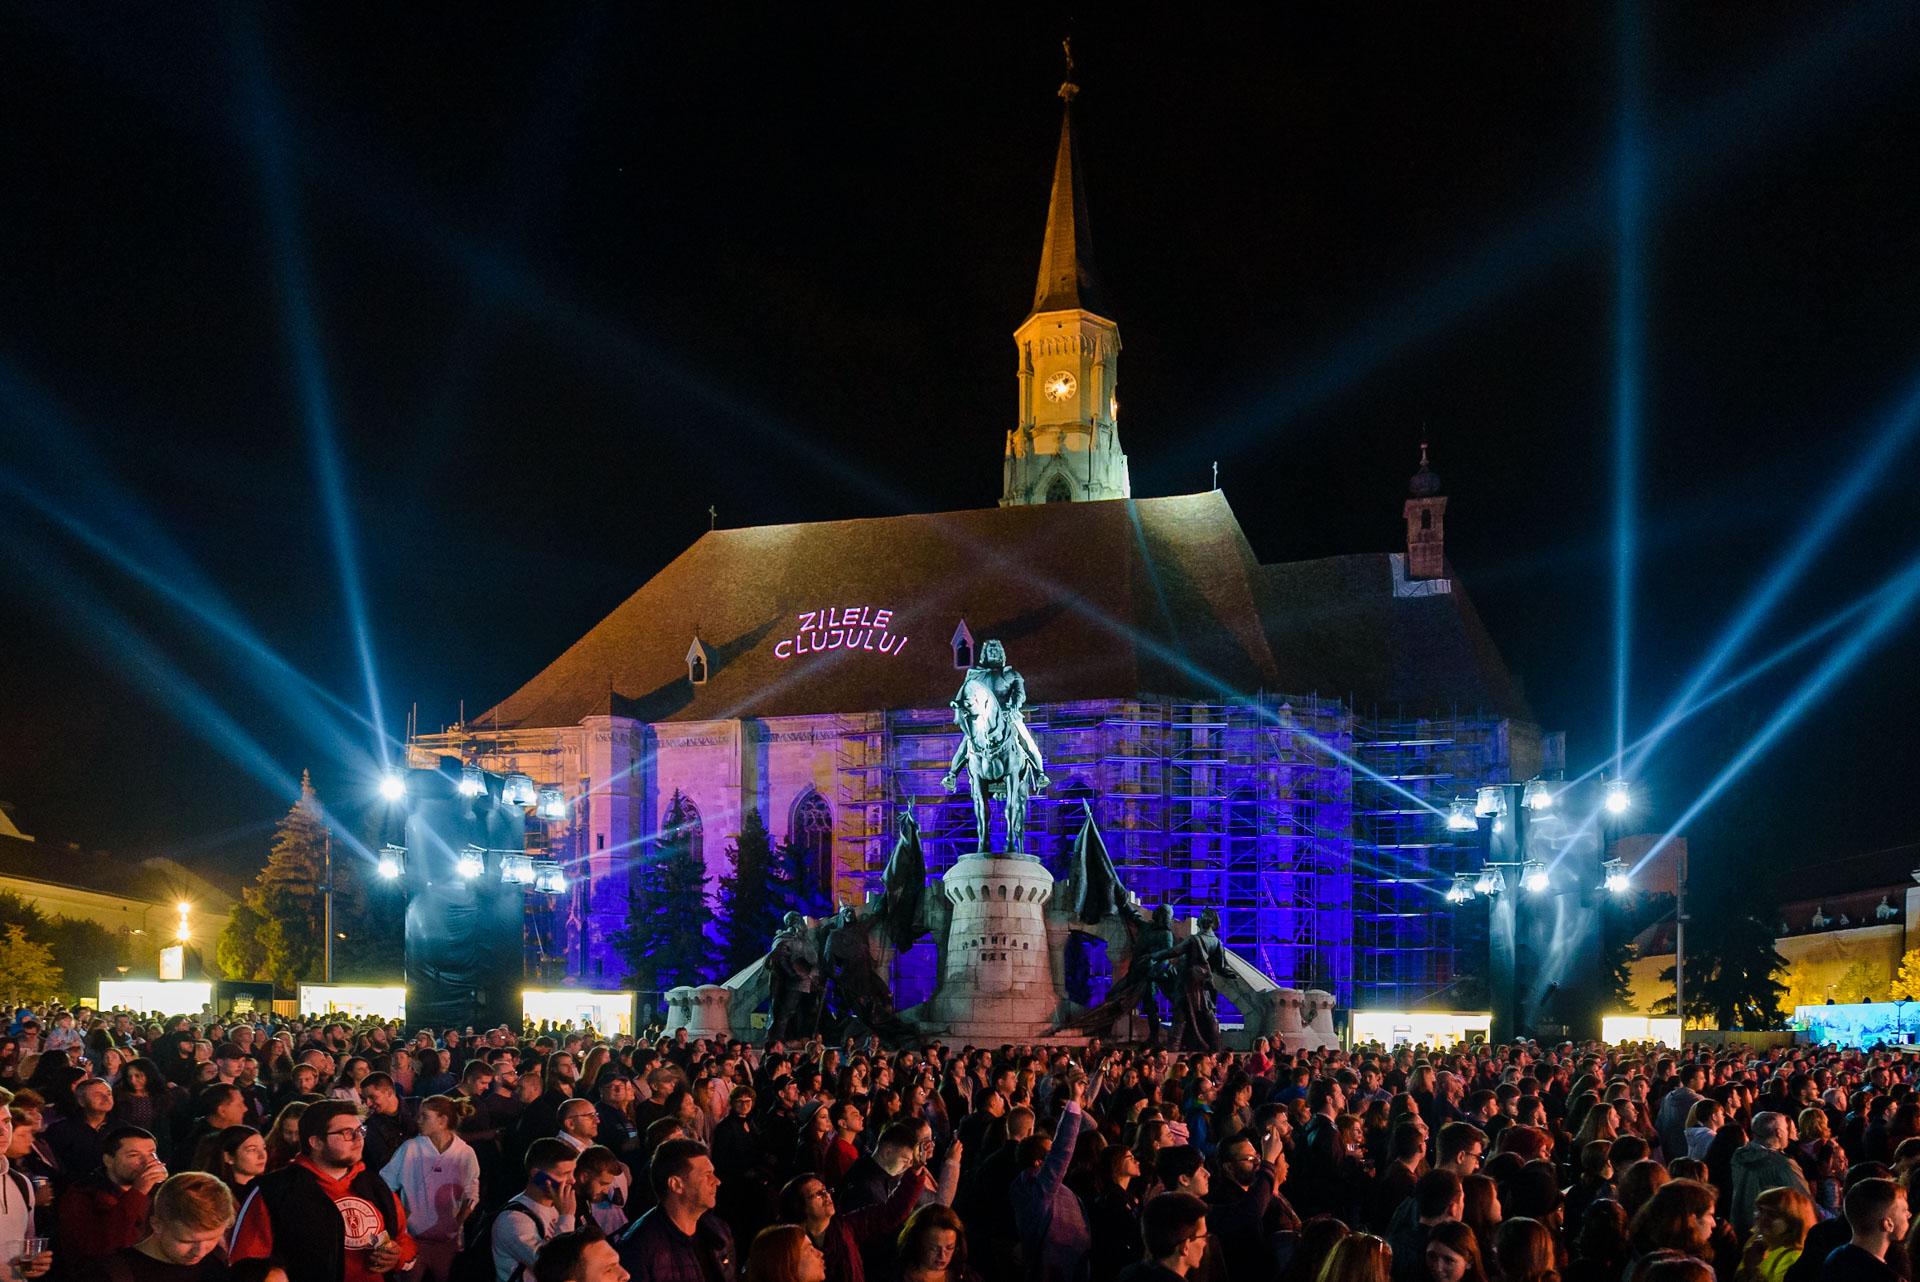 Cum a fost la Zilele Clujului 2019